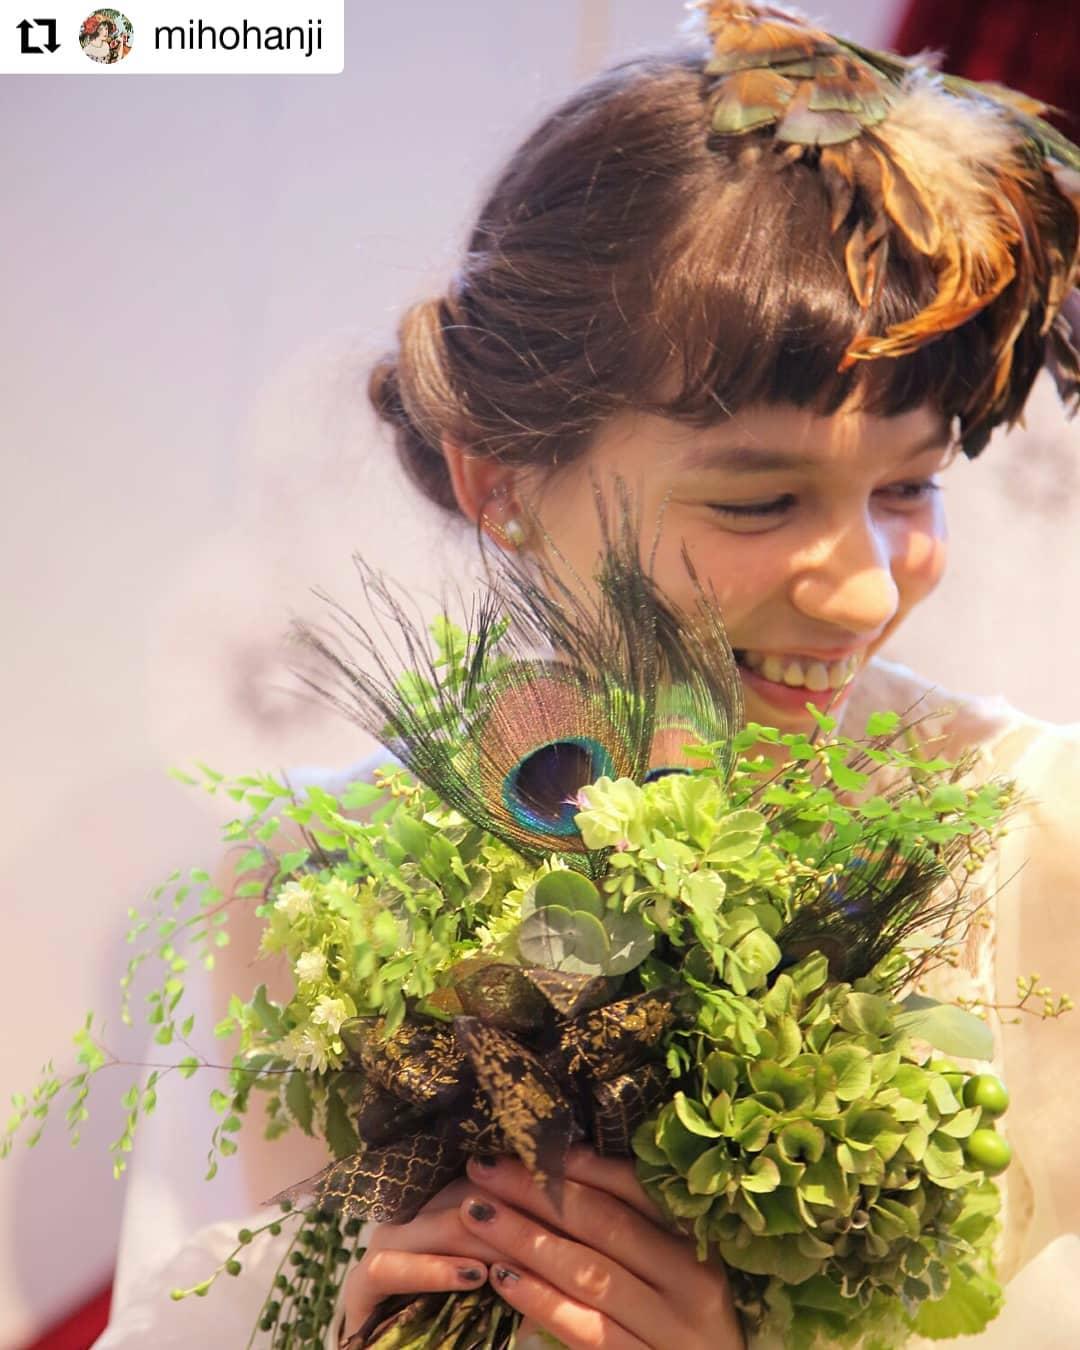 羽のブーケ制作〜。#Repost @mihohanji• • • • • •ピーコックアイをキーアイテムに使った「オペラ座の怪人」が裏テーマのコーデ。#ピーコックアイ#ブーケ#wedding#判治ミホ#スタイリング#スタイリスト#ウエディング#会場装飾